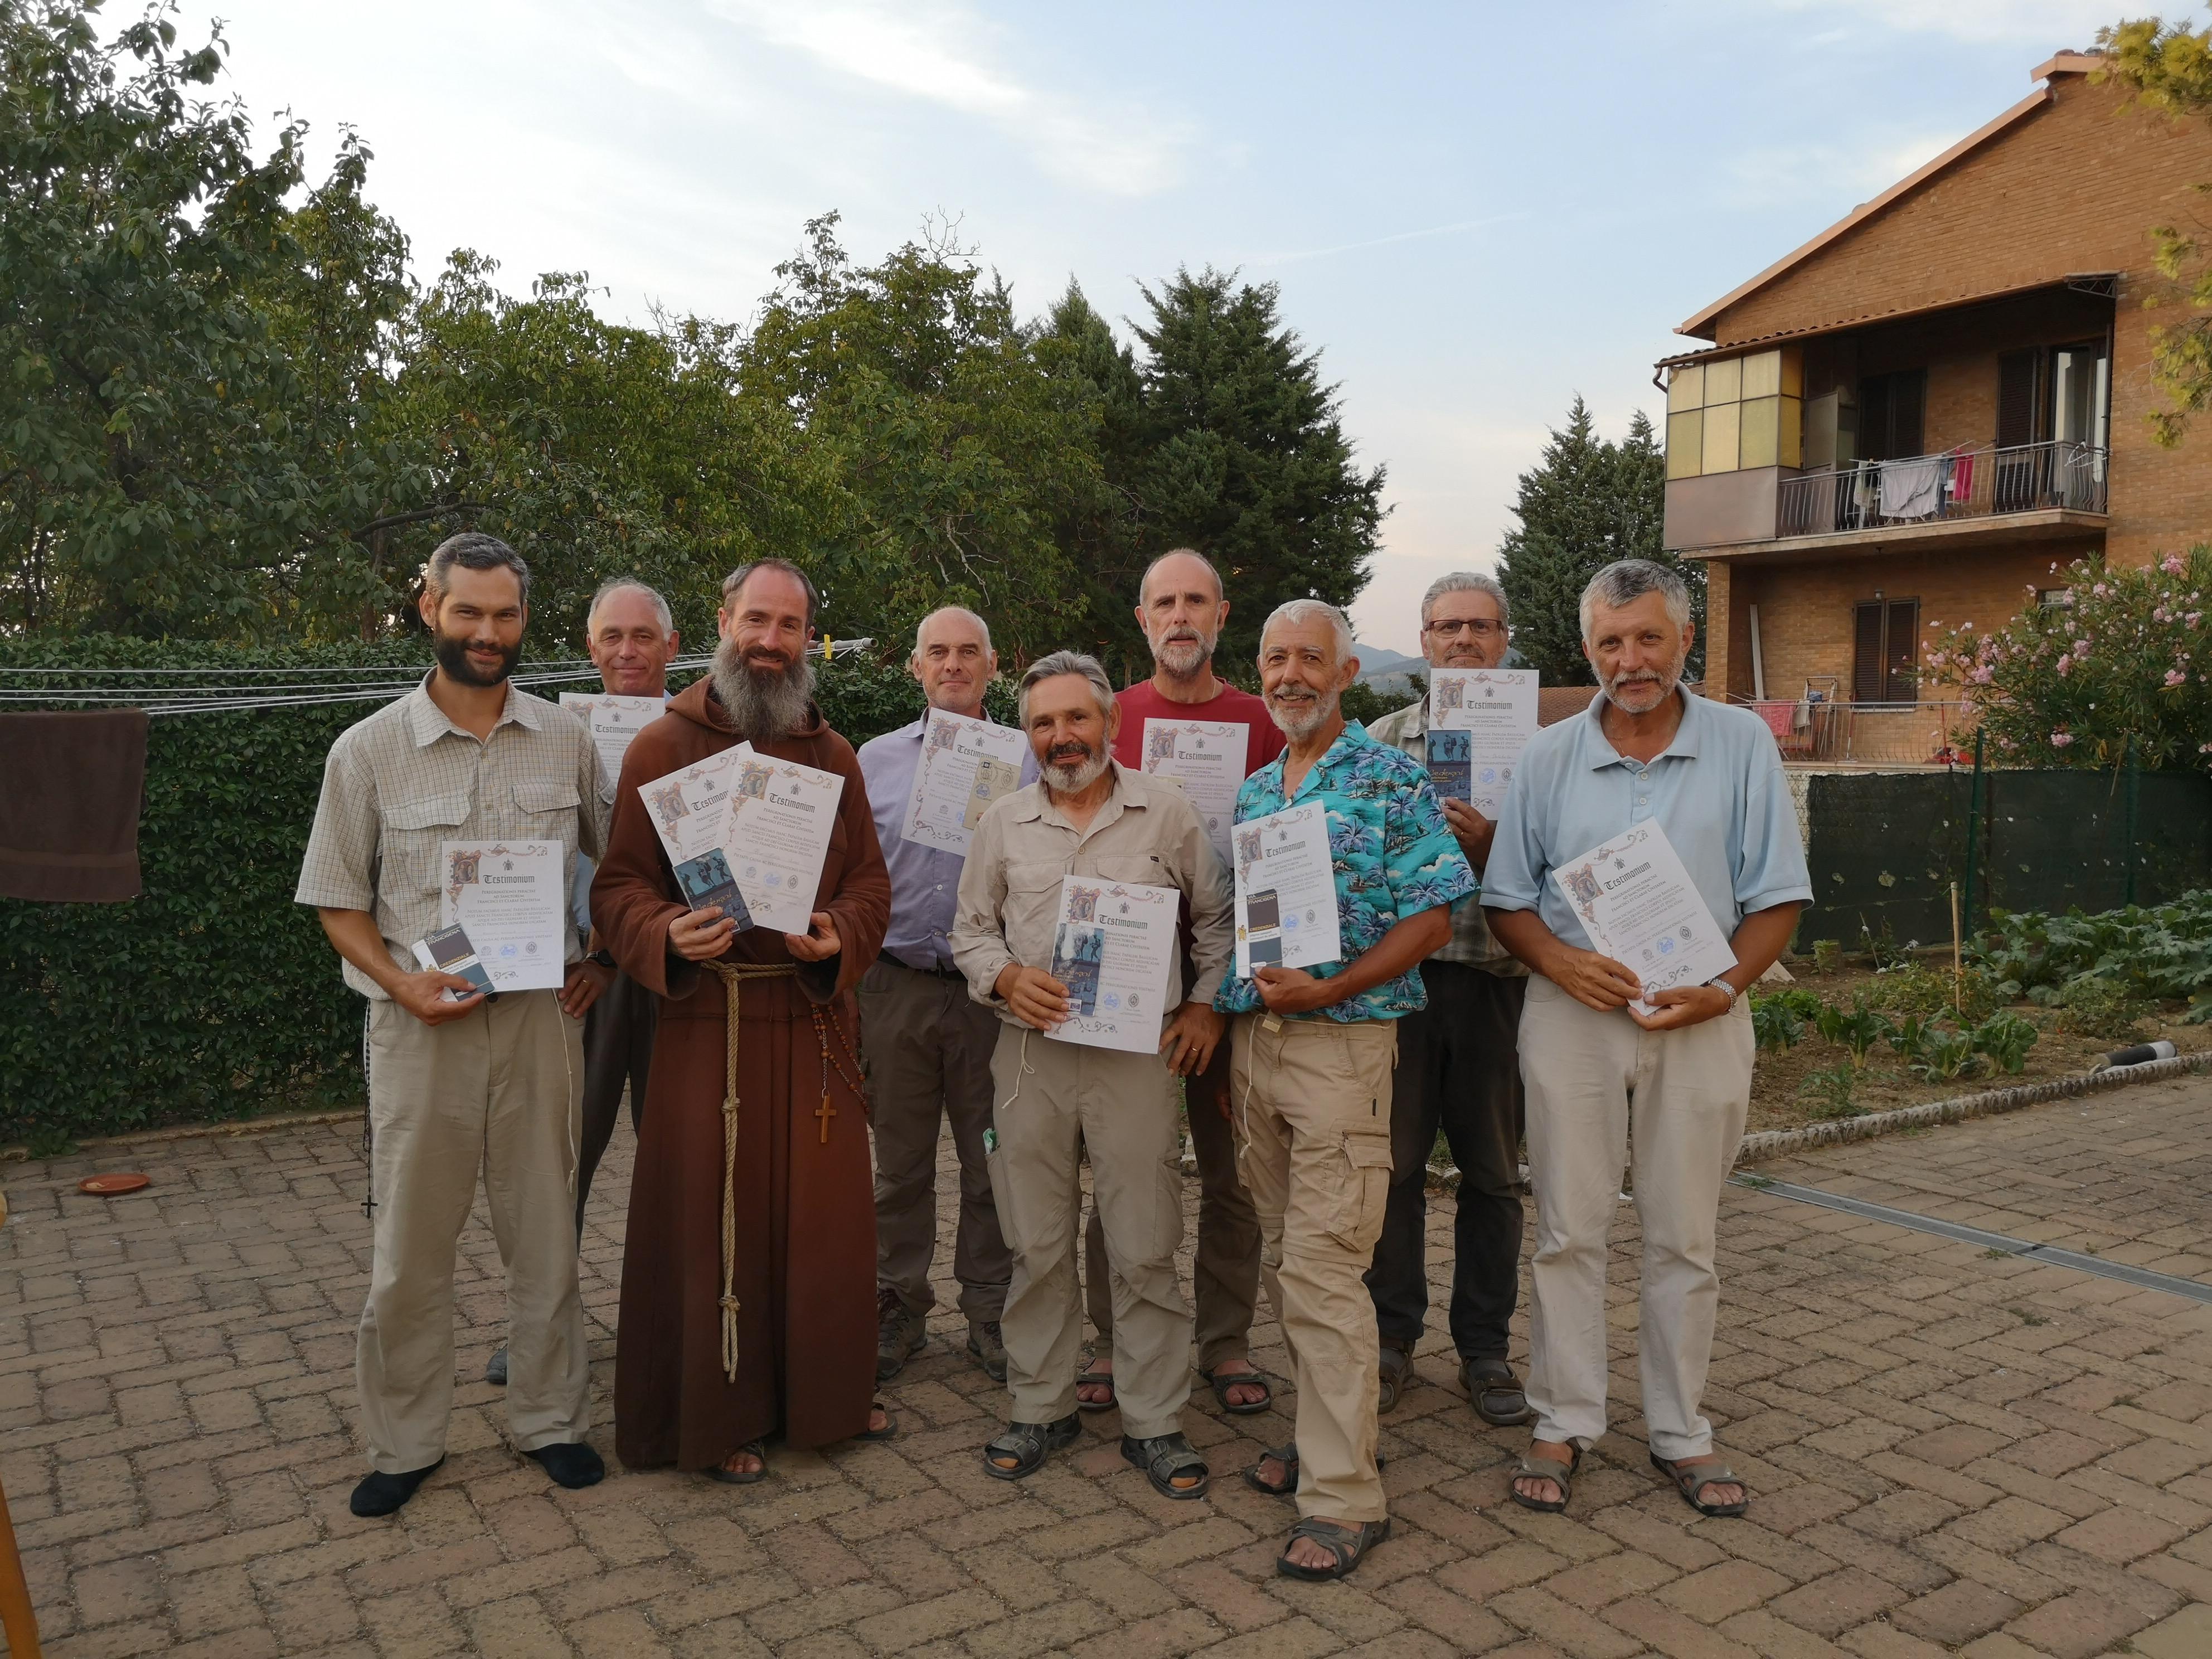 Suite du reportage du pèlerinage Ecône-Assise (2/2)